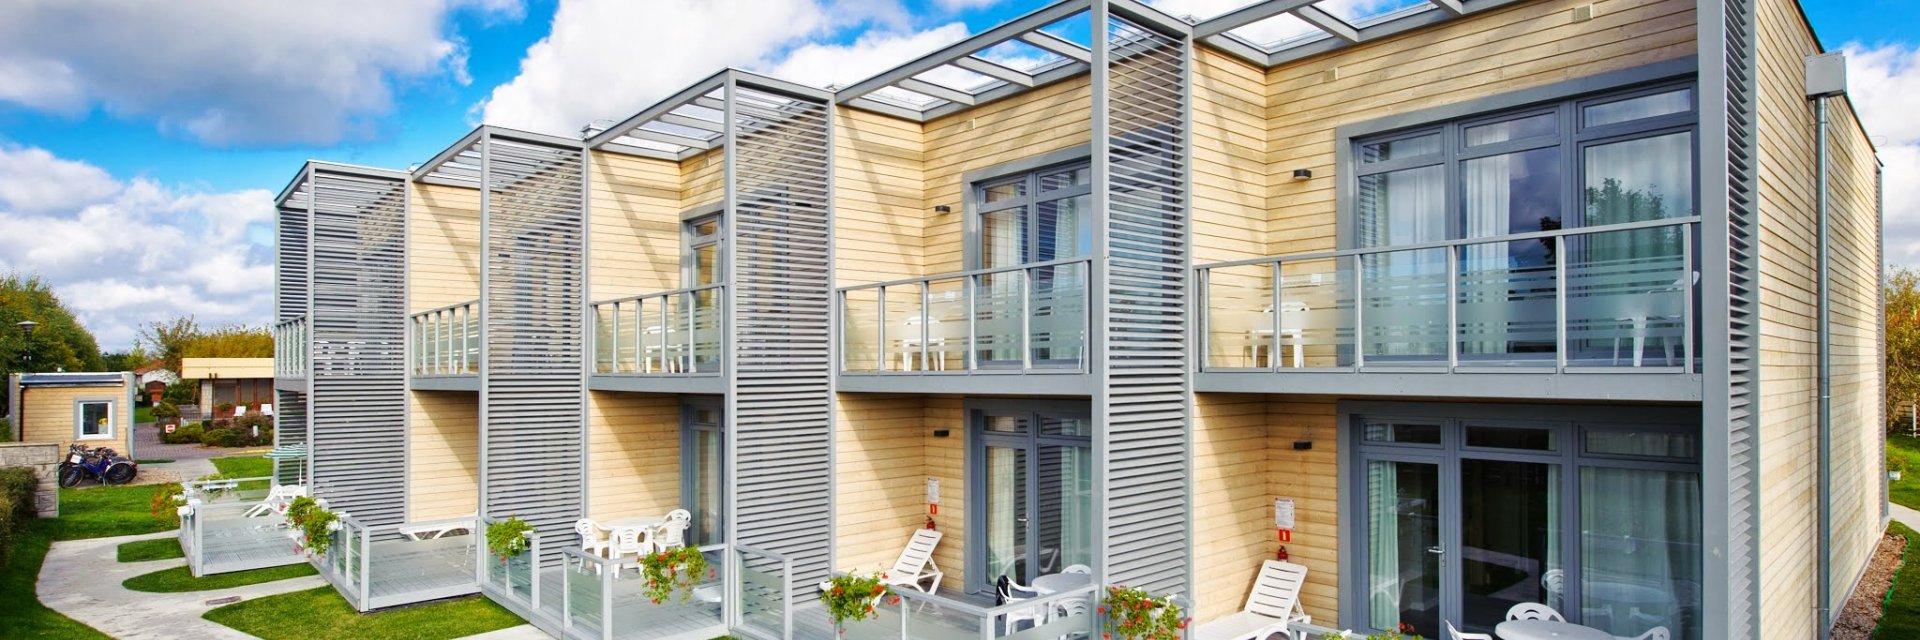 EcoPobyt - Komfortowe Apartamenty Skandynawskie - obiekt z krytym basenem w cenie!